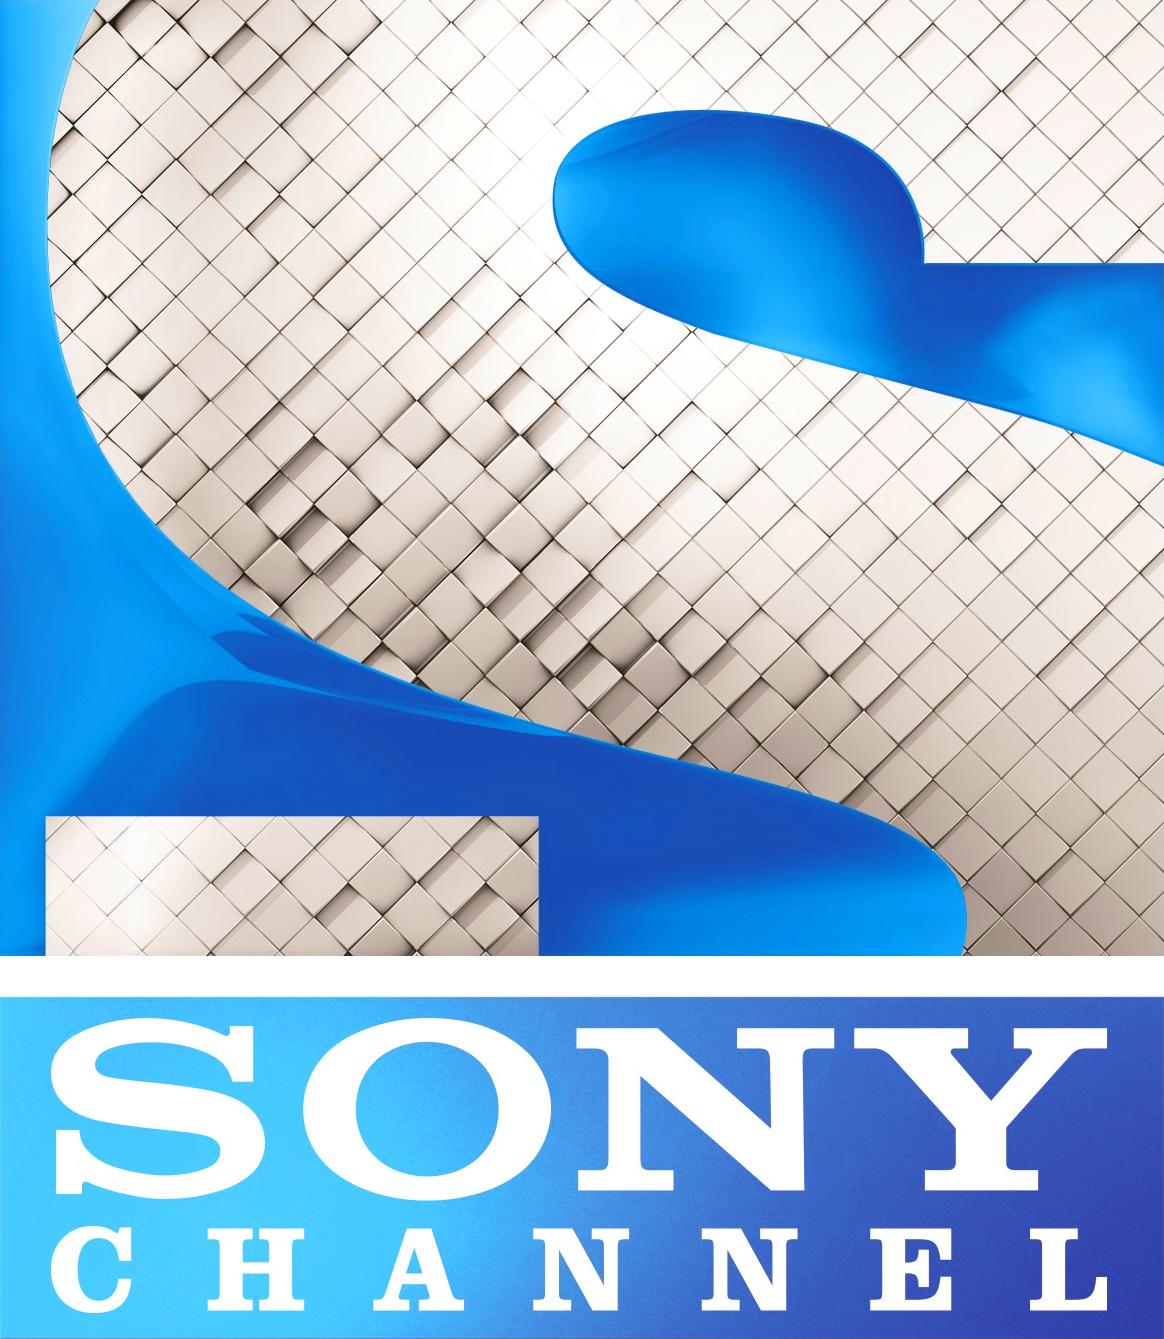 Sony Channel (Россия)   Телепедия вики   FANDOM powered by Wikia dce48199b46